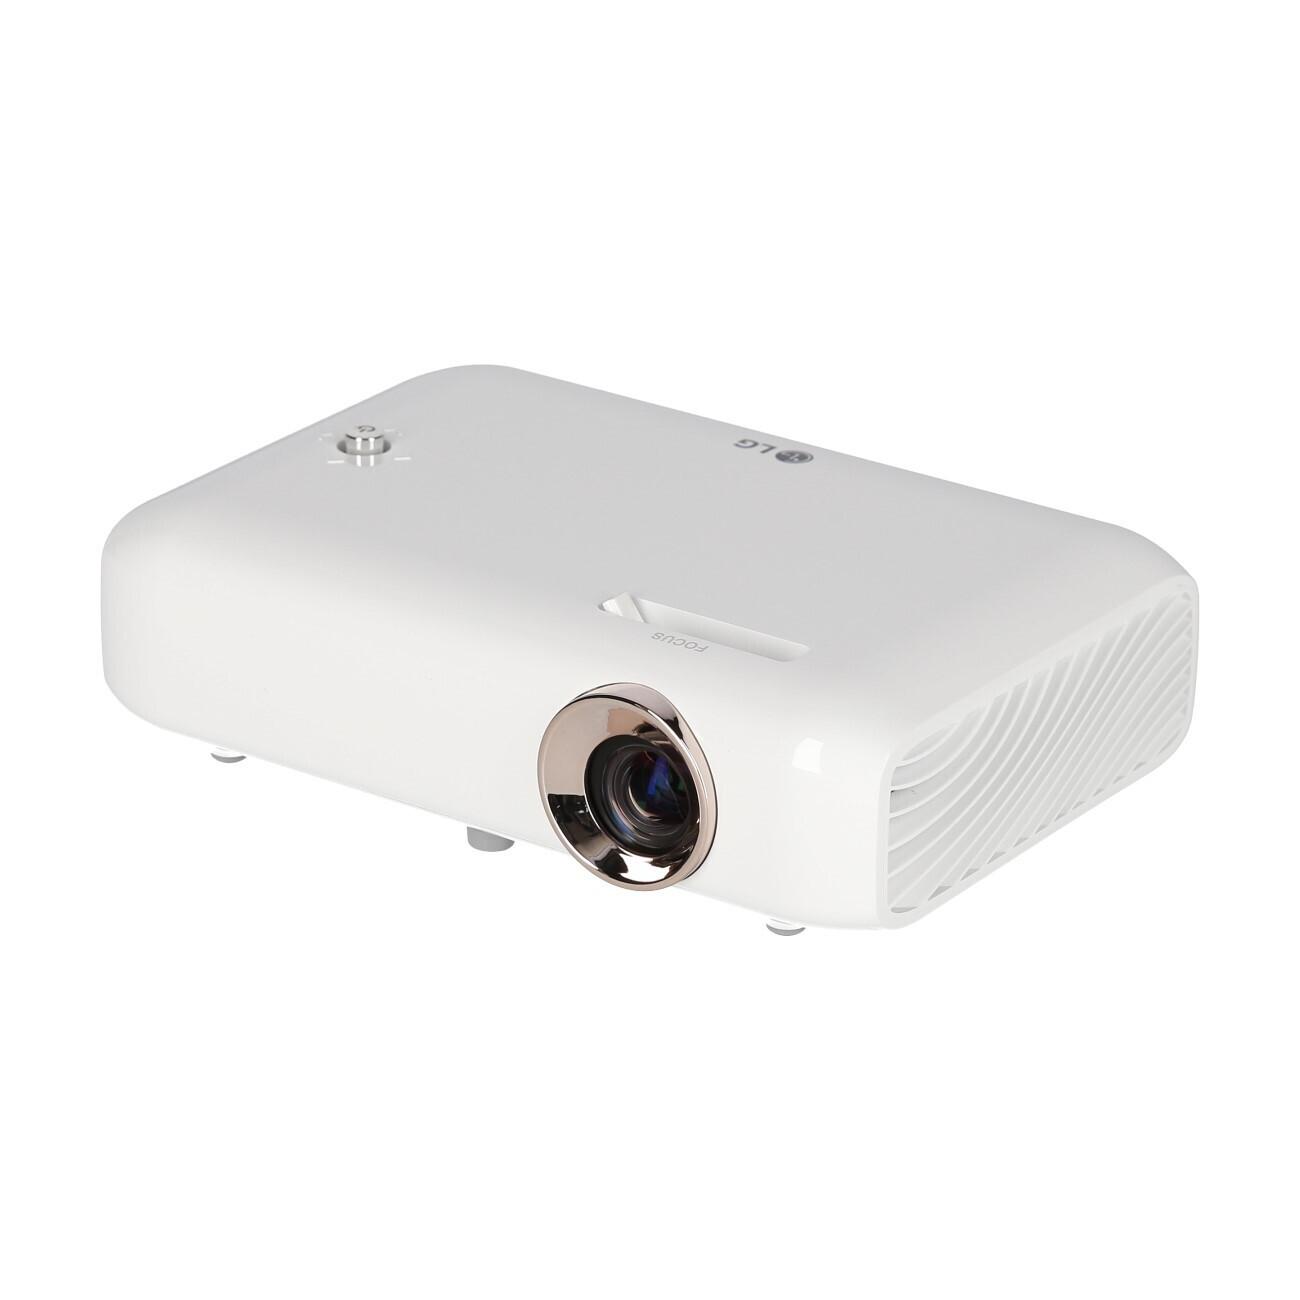 LG PH550 (copy)